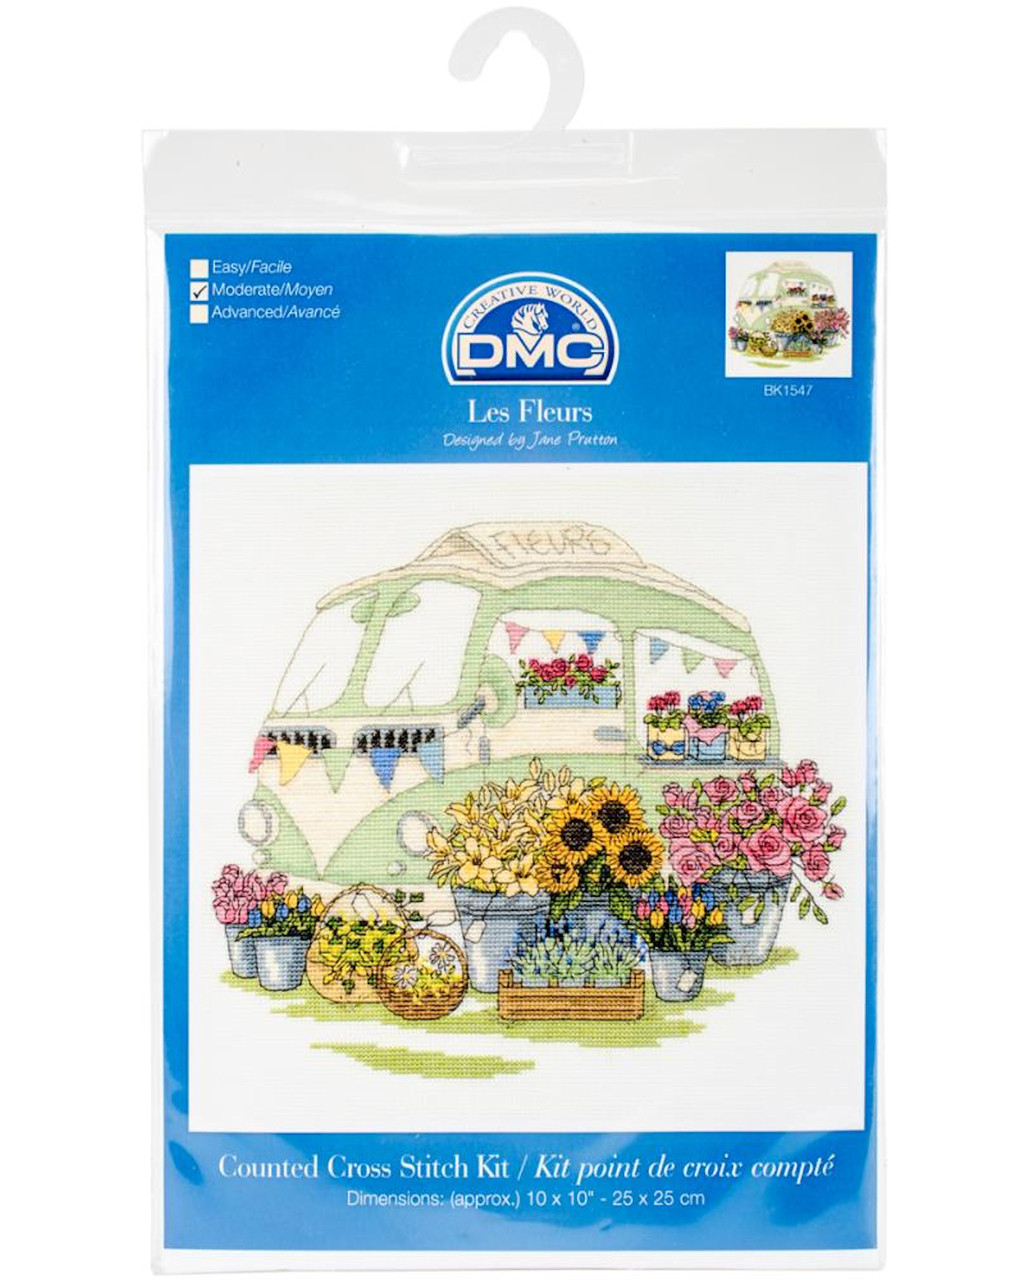 DMC - Les Fleurs